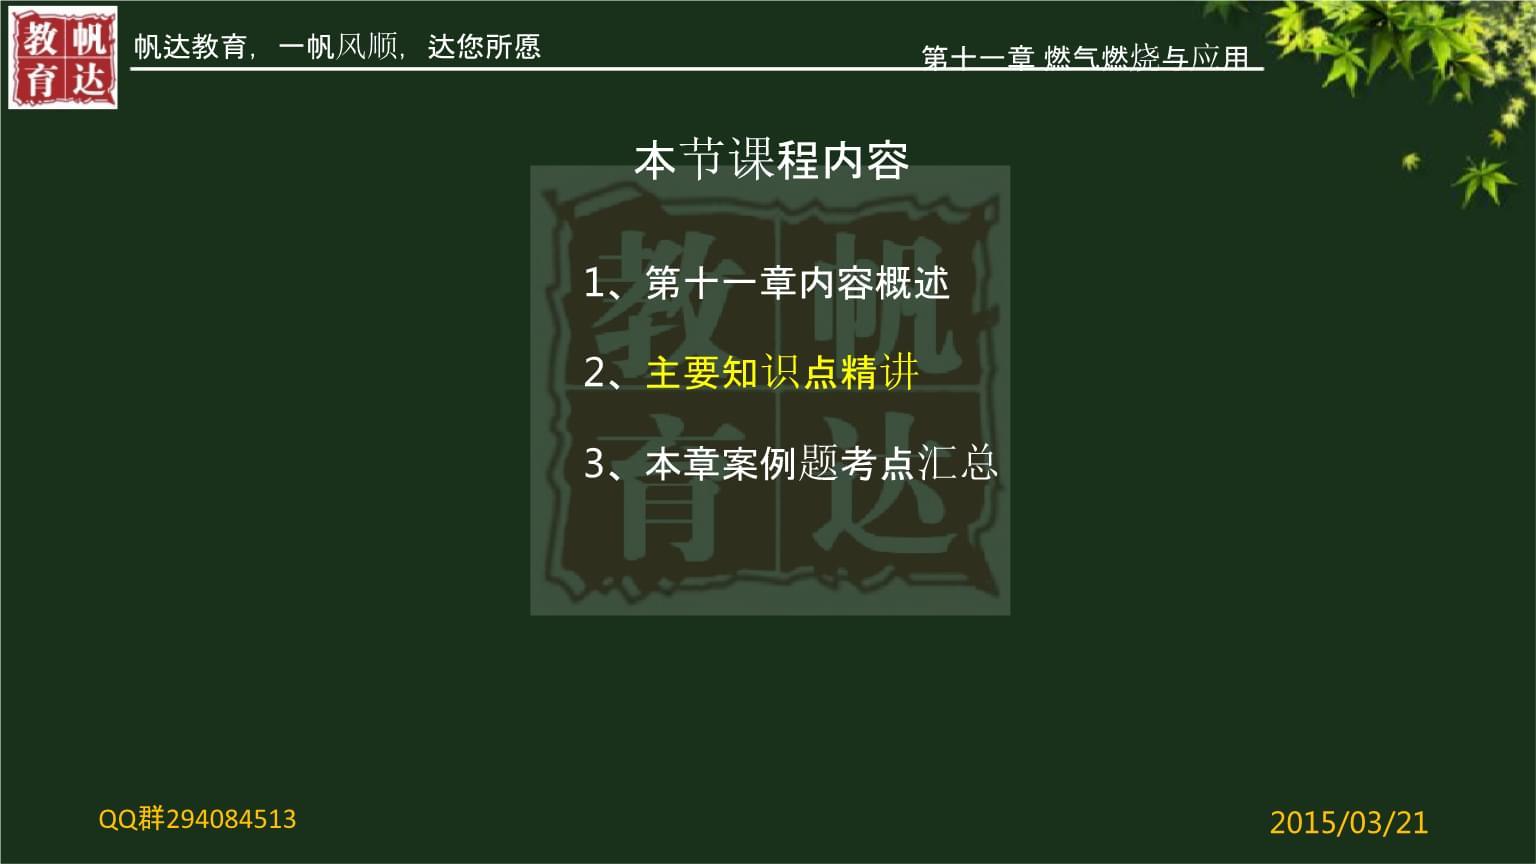 注册动力专业考试材料 第十一章 燃气燃烧与应用.pptx